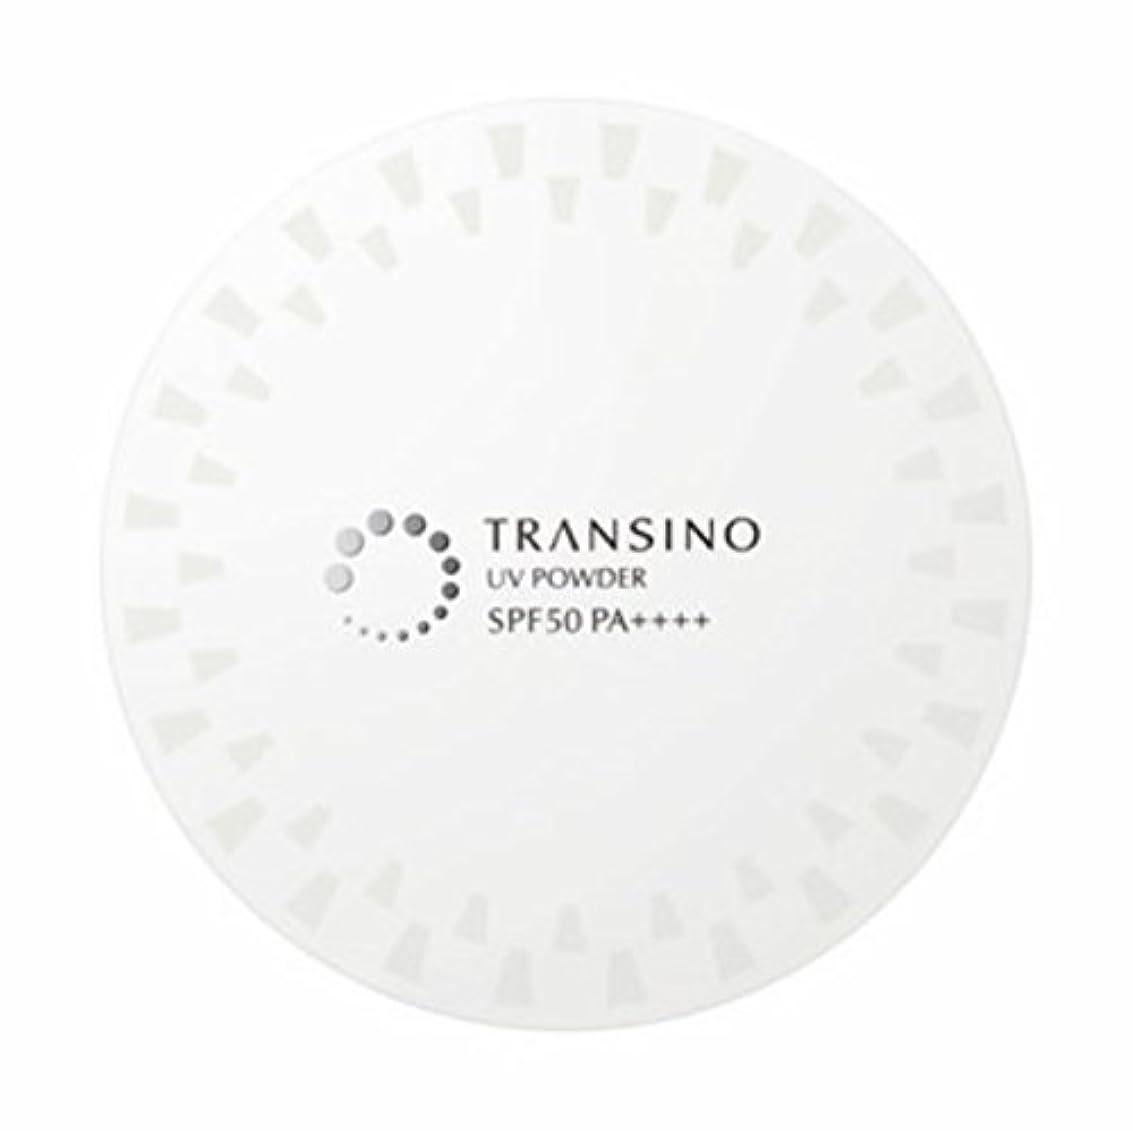 リラックス受け入れる幻想的トランシーノ 薬用UVパウダー 12g SPF50?PA++++ [並行輸入品]